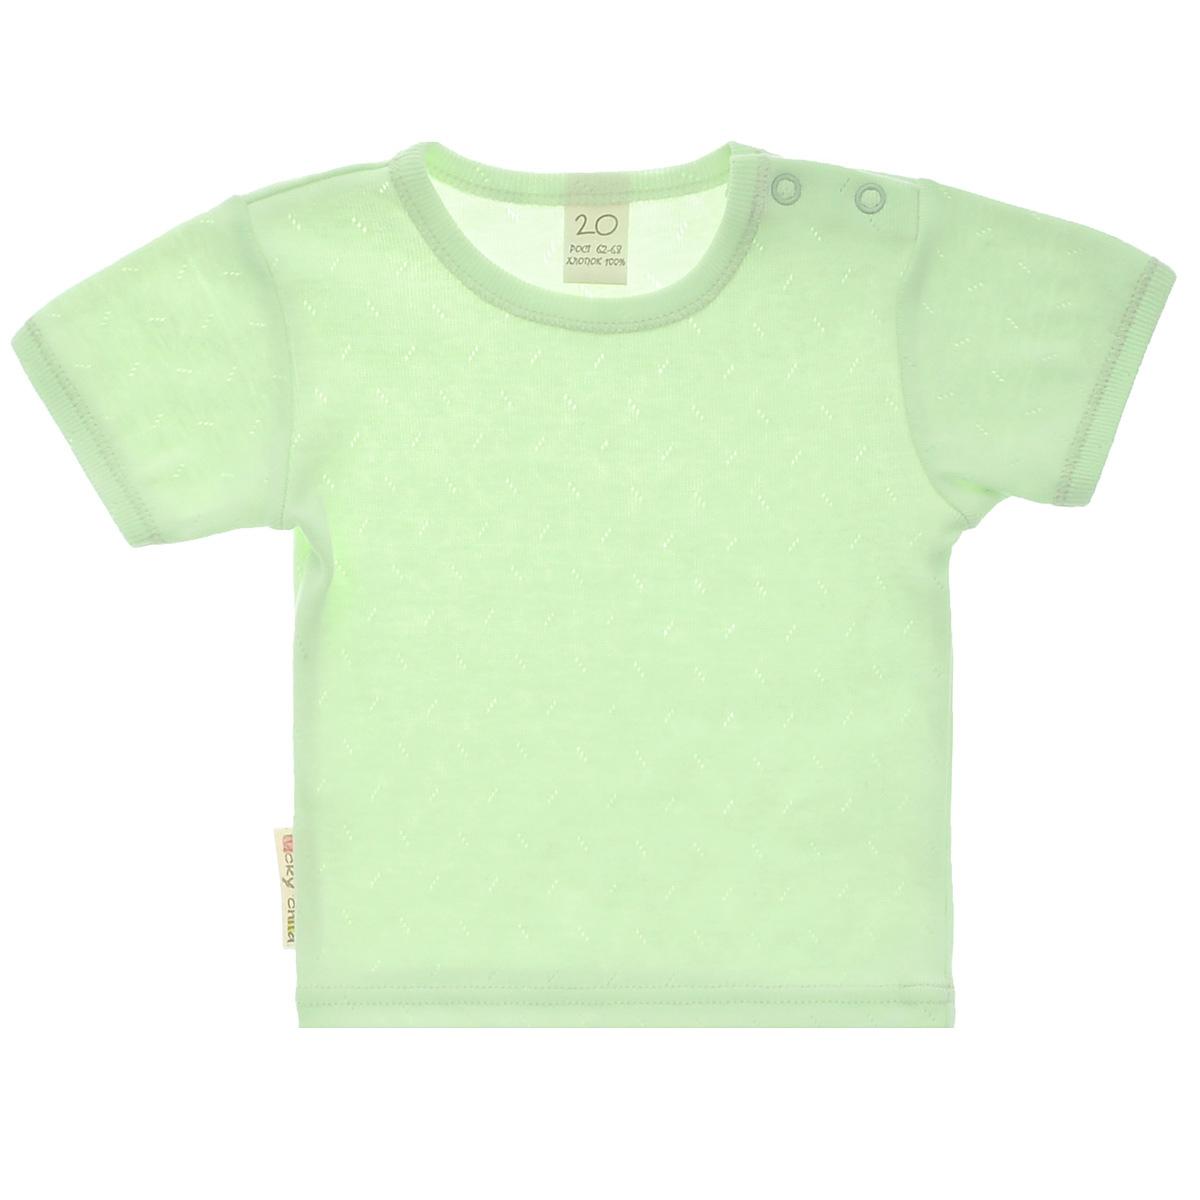 Фото - Футболка Lucky Child Ажур зеленая 74-80 футболка lucky child ажур белая 74 80